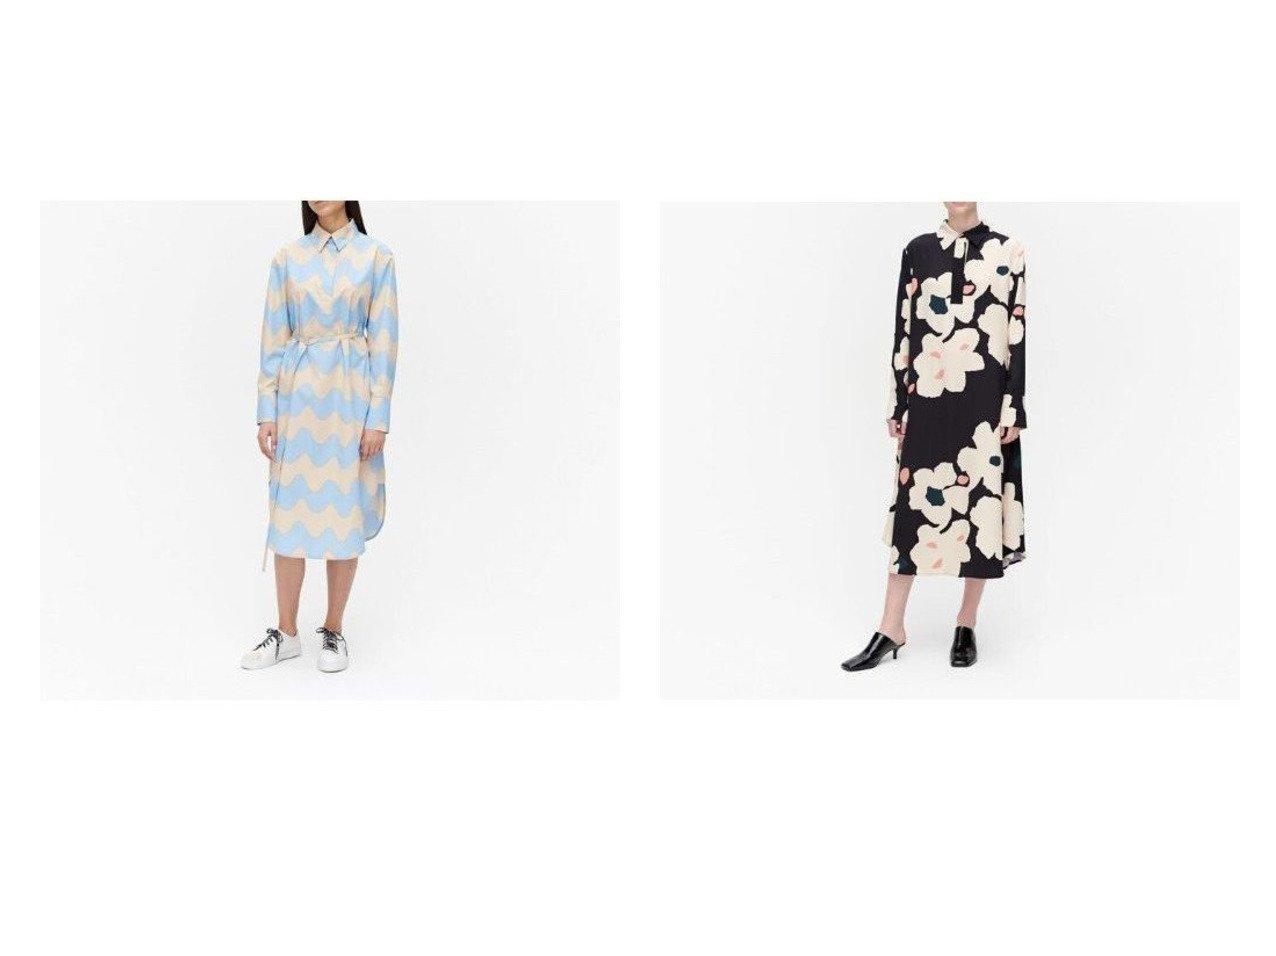 【marimekko/マリメッコ】のLokki Kuuluminen ワンピース&Arkussiini Liito ワンピース マリメッコのおすすめ!人気、トレンド・レディースファッションの通販 おすすめで人気の流行・トレンド、ファッションの通販商品 メンズファッション・キッズファッション・インテリア・家具・レディースファッション・服の通販 founy(ファニー) https://founy.com/ ファッション Fashion レディースファッション WOMEN ワンピース Dress シャツワンピース Shirt Dresses モチーフ |ID:crp329100000021907